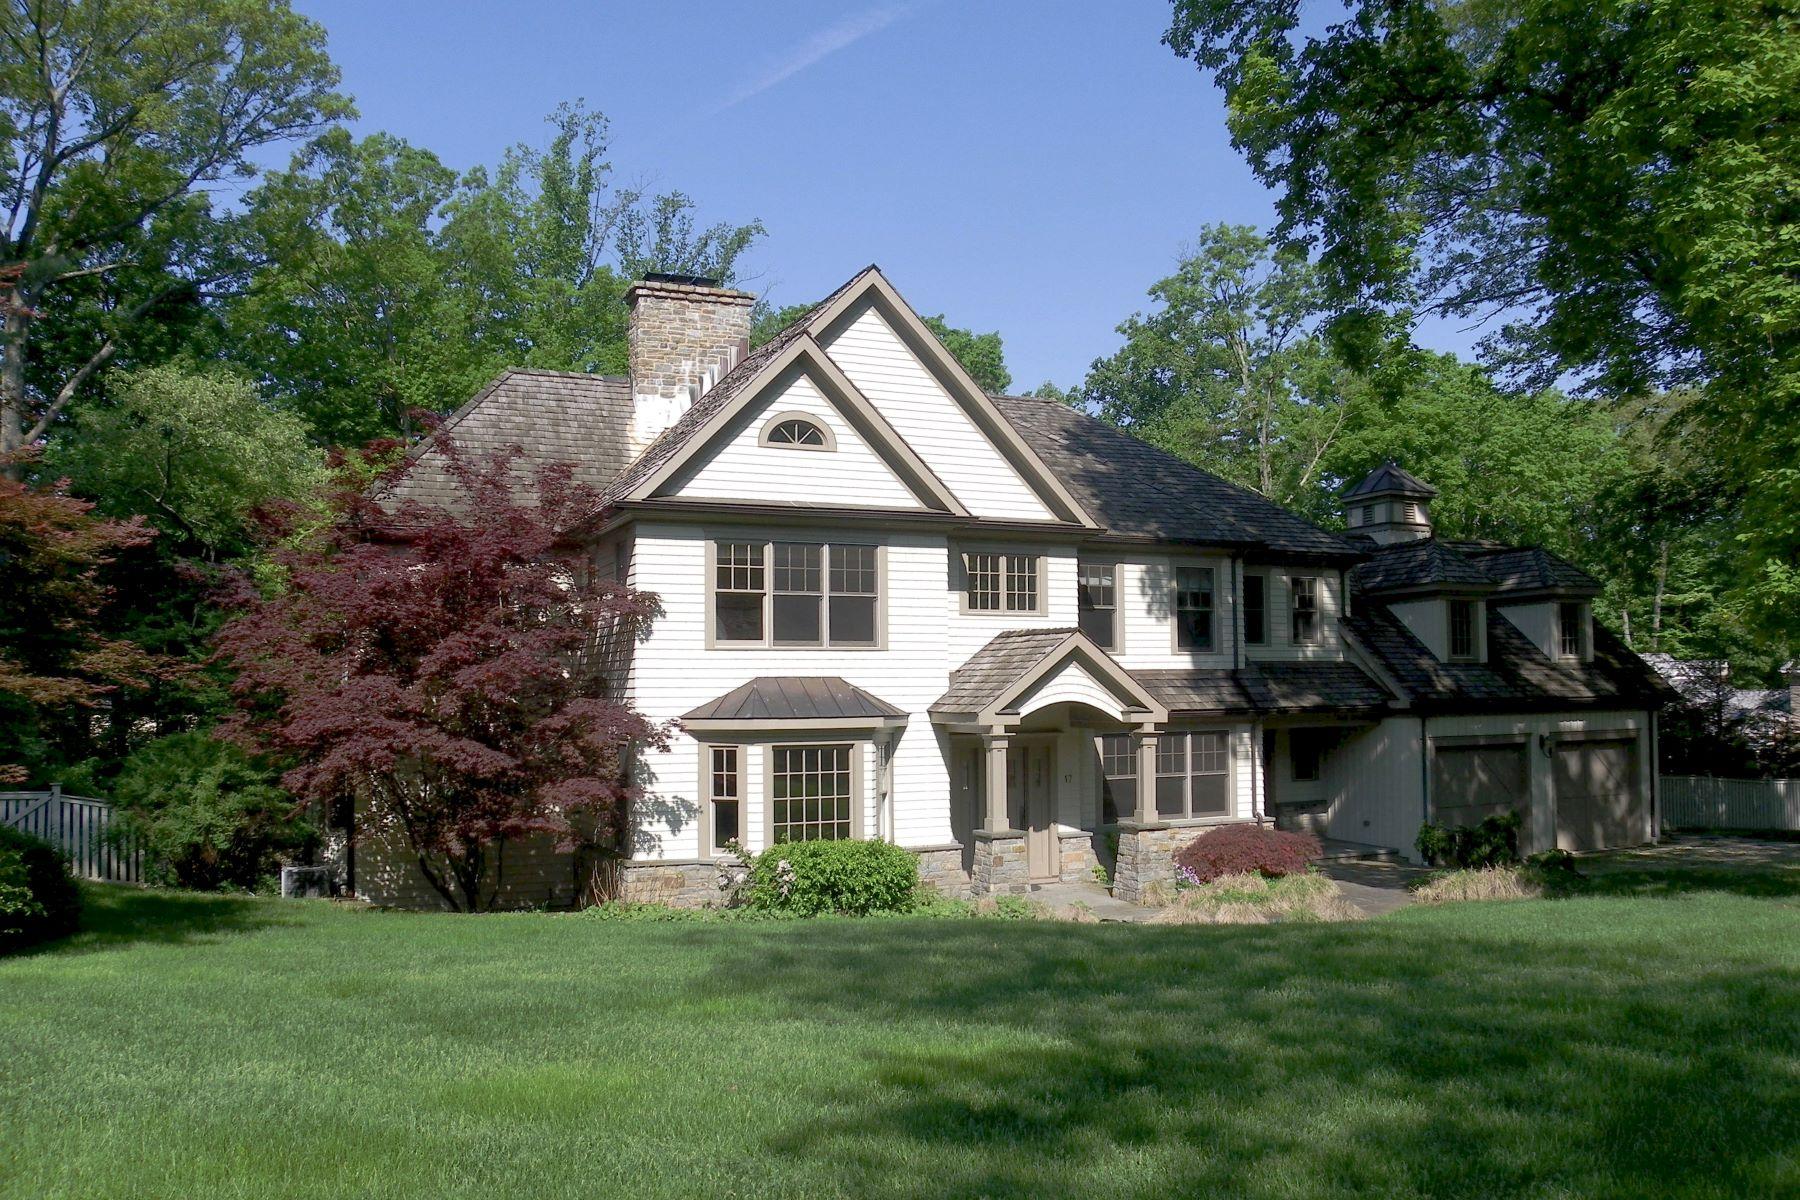 Частный односемейный дом для того Продажа на 17 Westview Lane 17 Westview Lane Norwalk, Коннектикут 06854 Соединенные Штаты